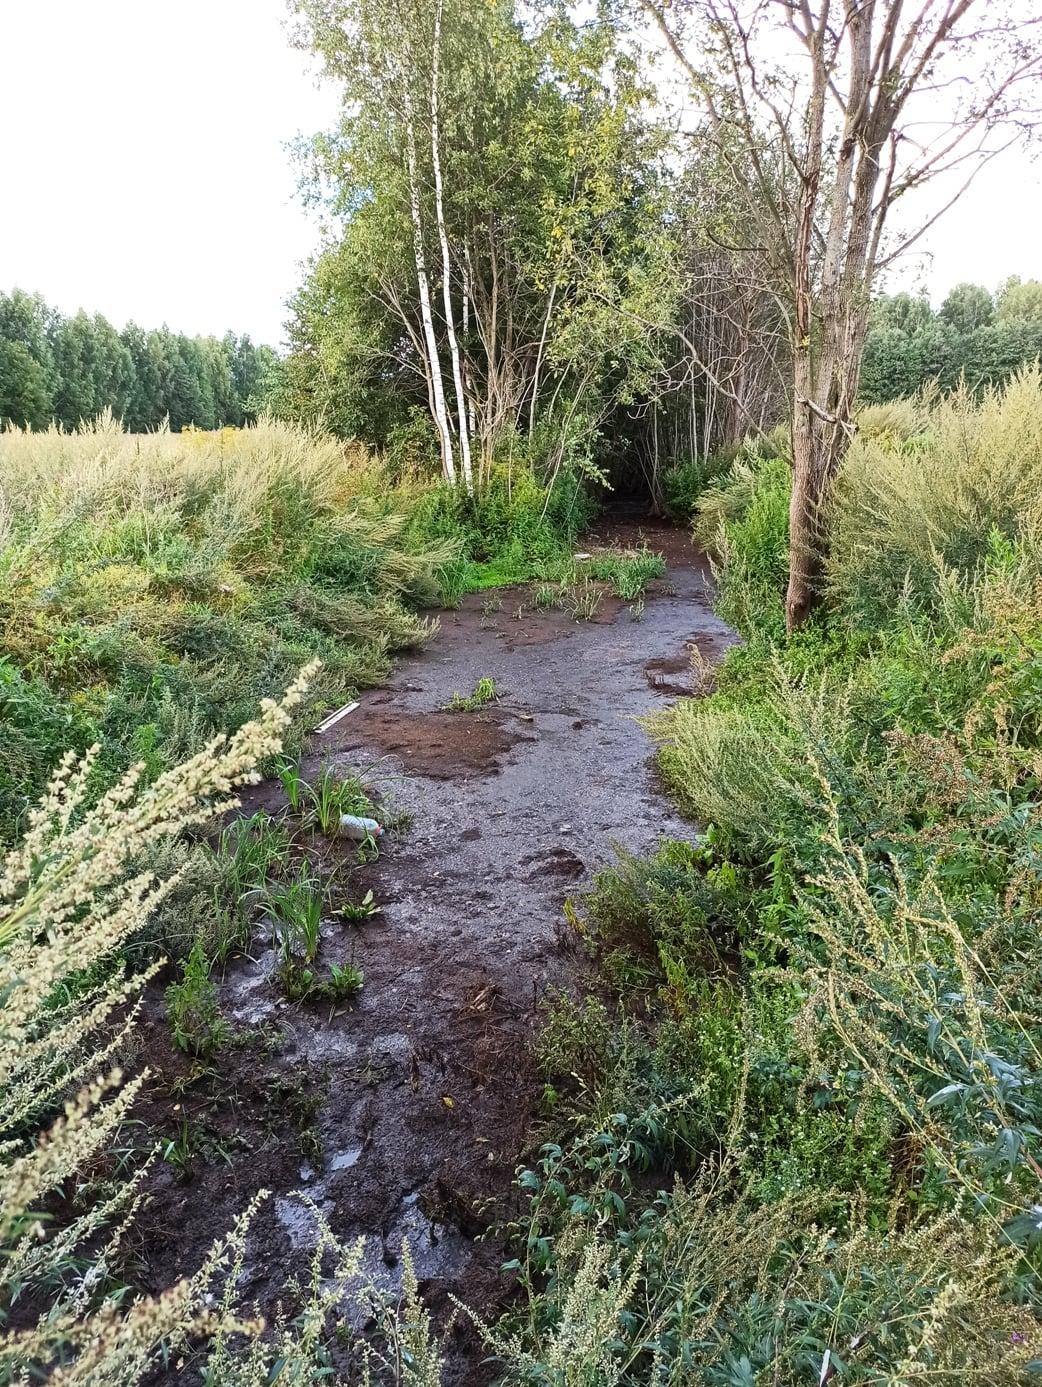 Реку Куновка в Талдомском округе предлагают включить в региональную программу реабилитации